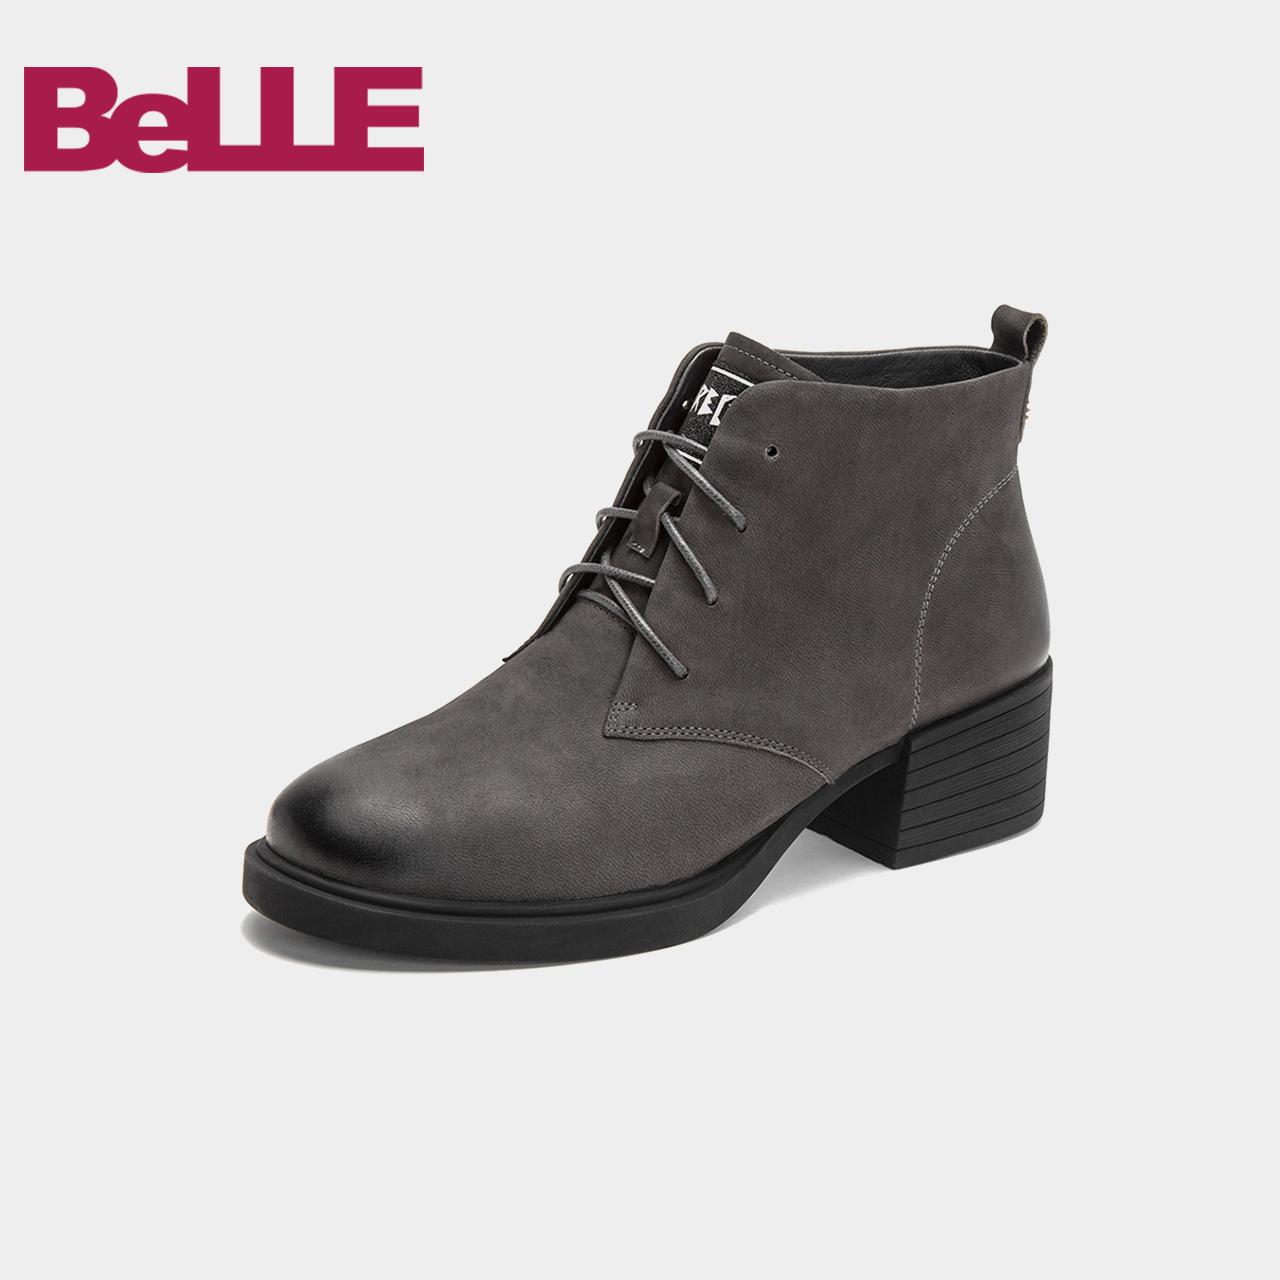 百丽马丁靴2018冬季商场新款羊皮女粗跟短靴女靴子S9W1DDD8